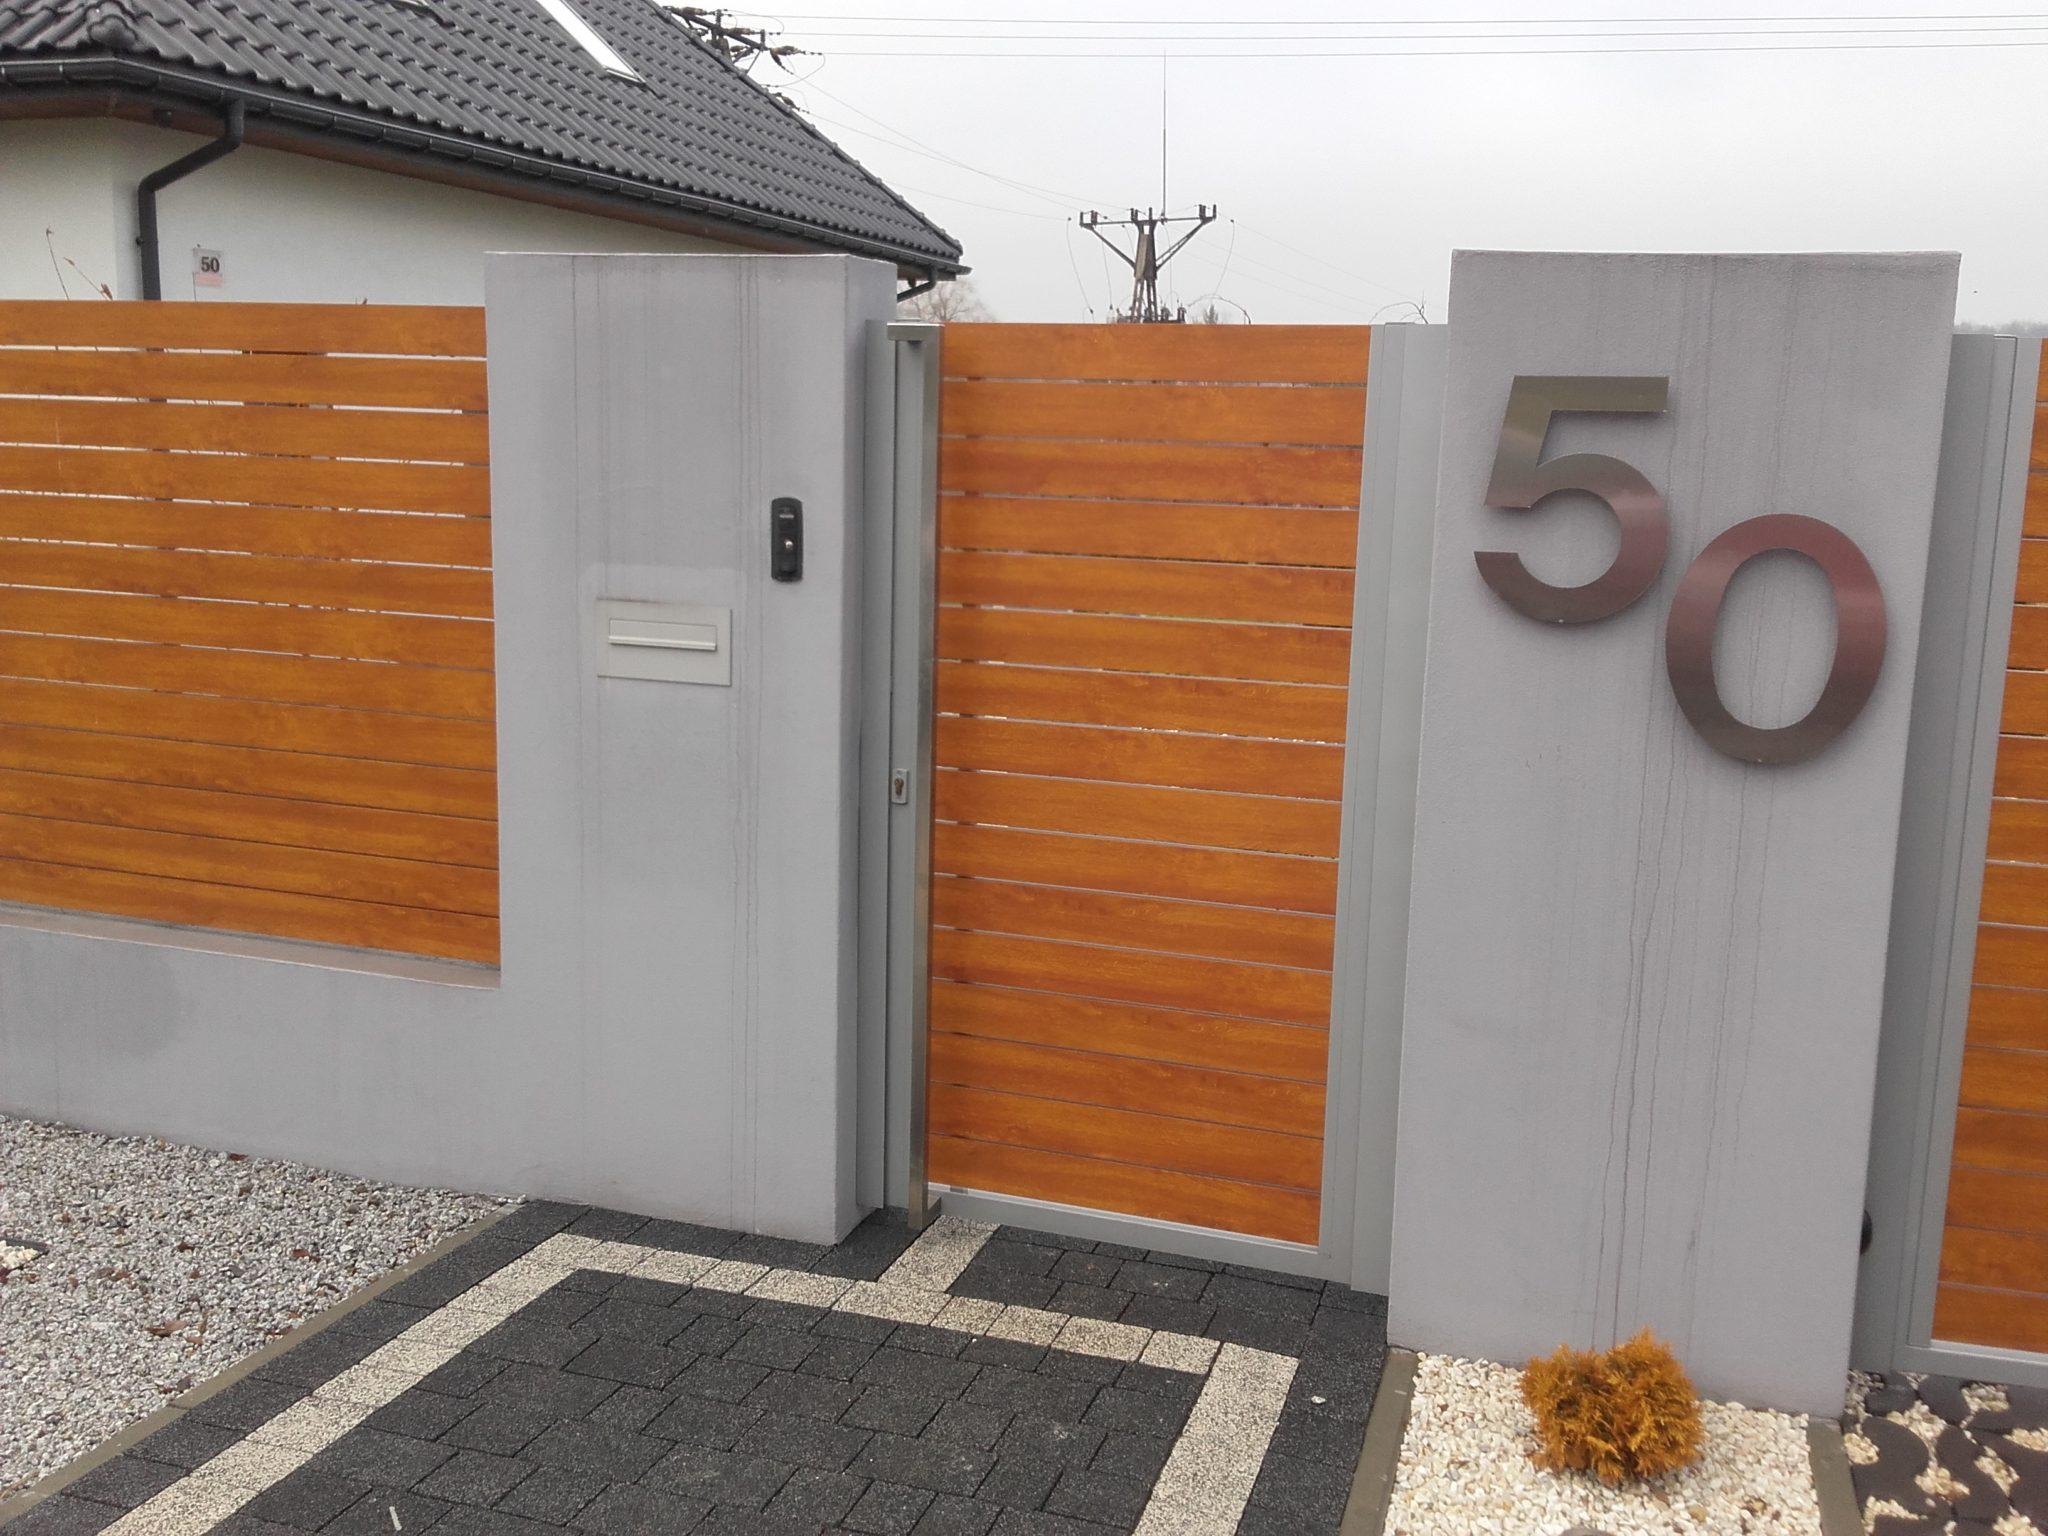 Realizacja w Sosnowcu-stalowy numer posesji oraz auminiowe elementy ogrodzenia